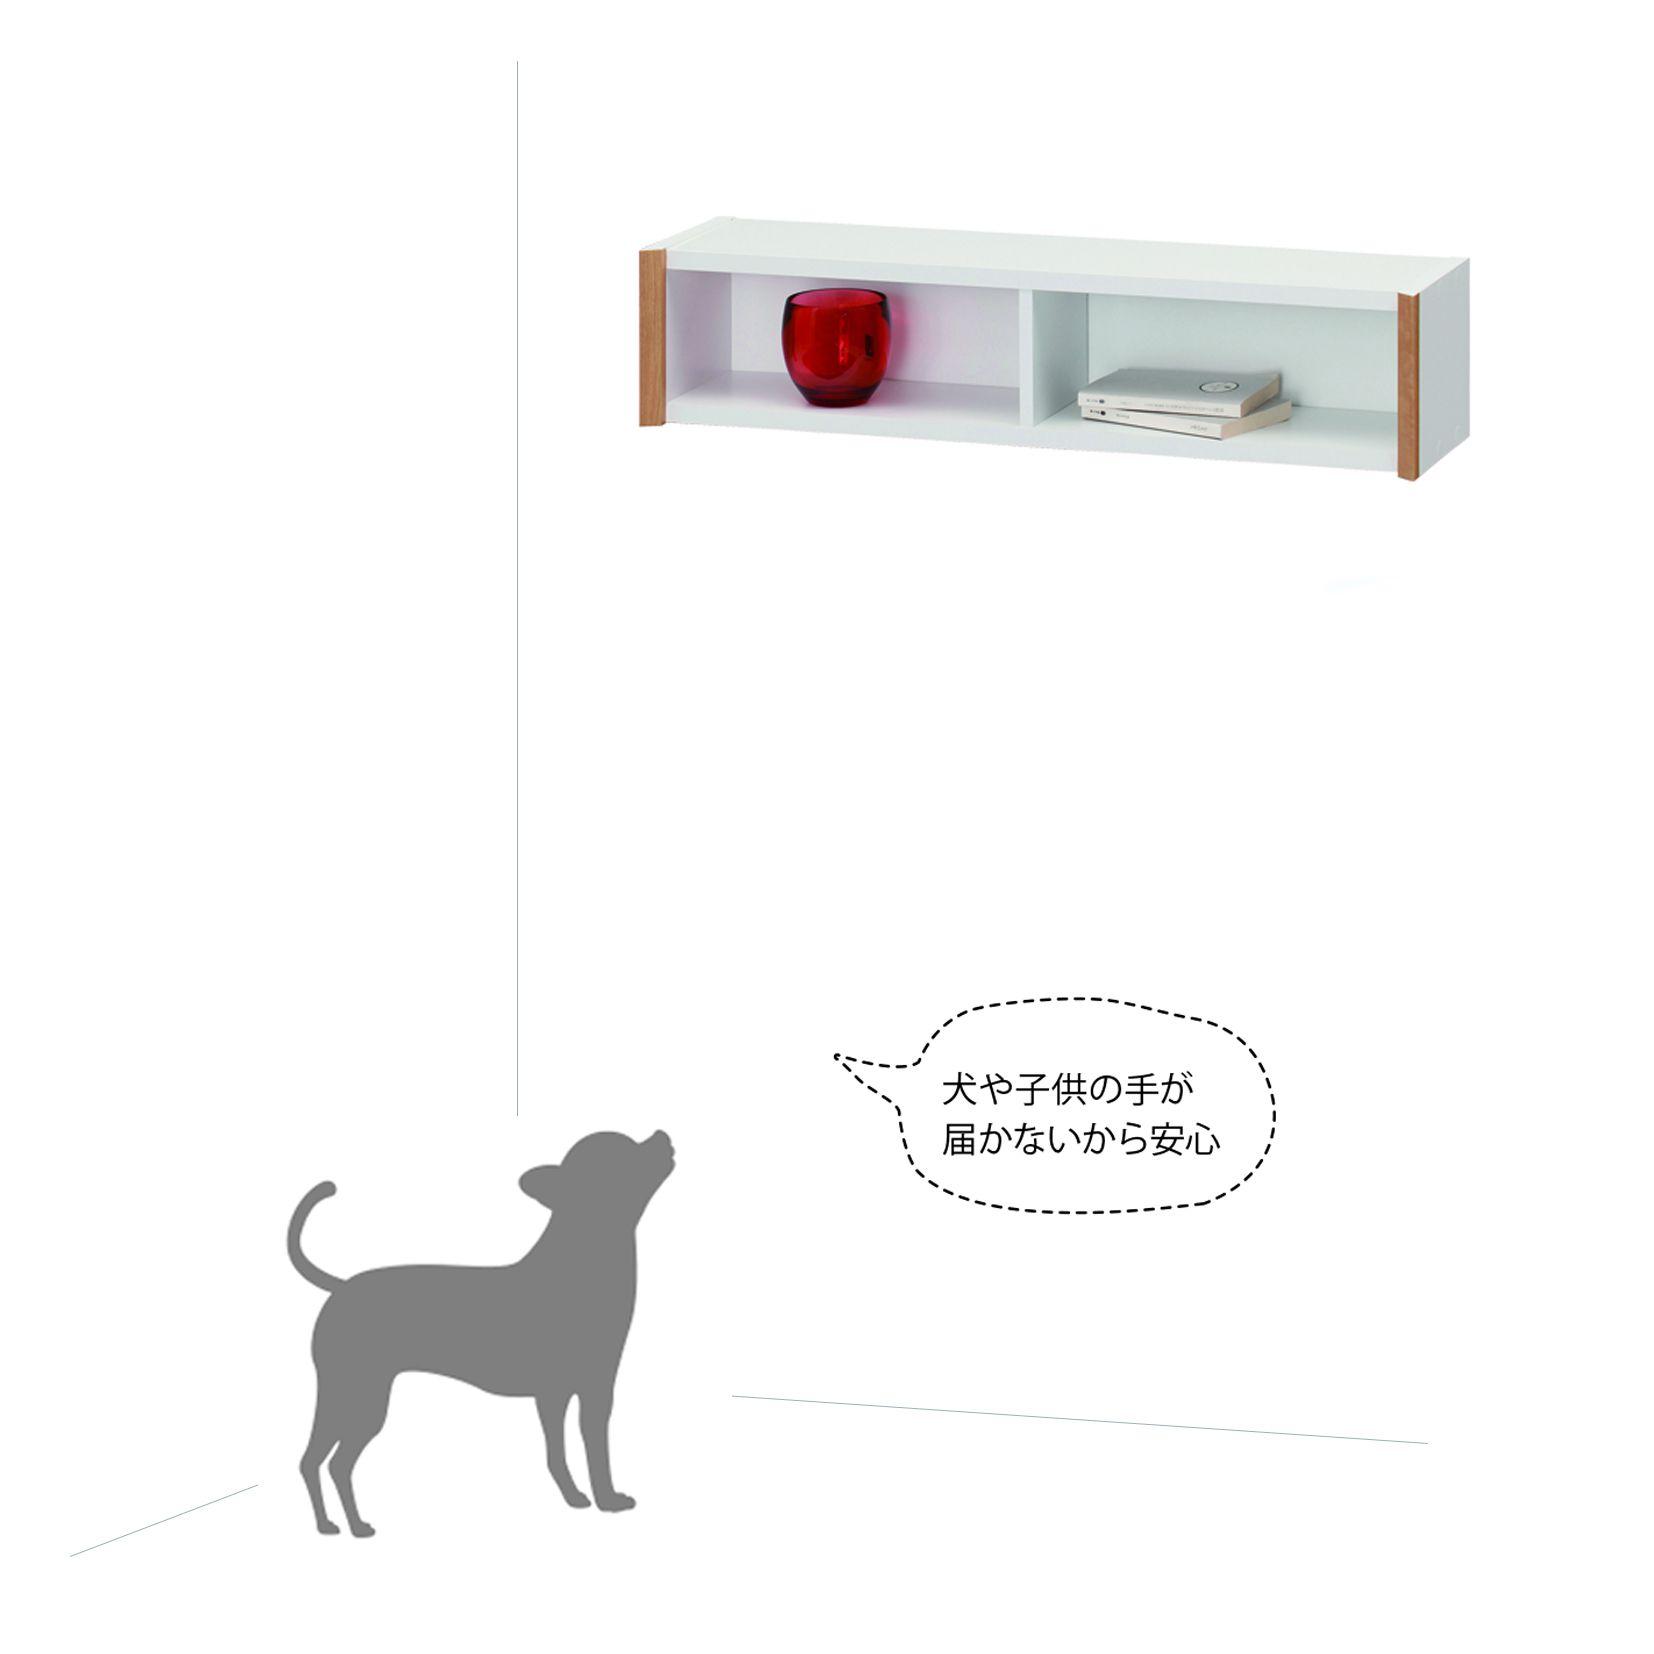 壁面に設置するから犬や子供の手が届かなくて安心